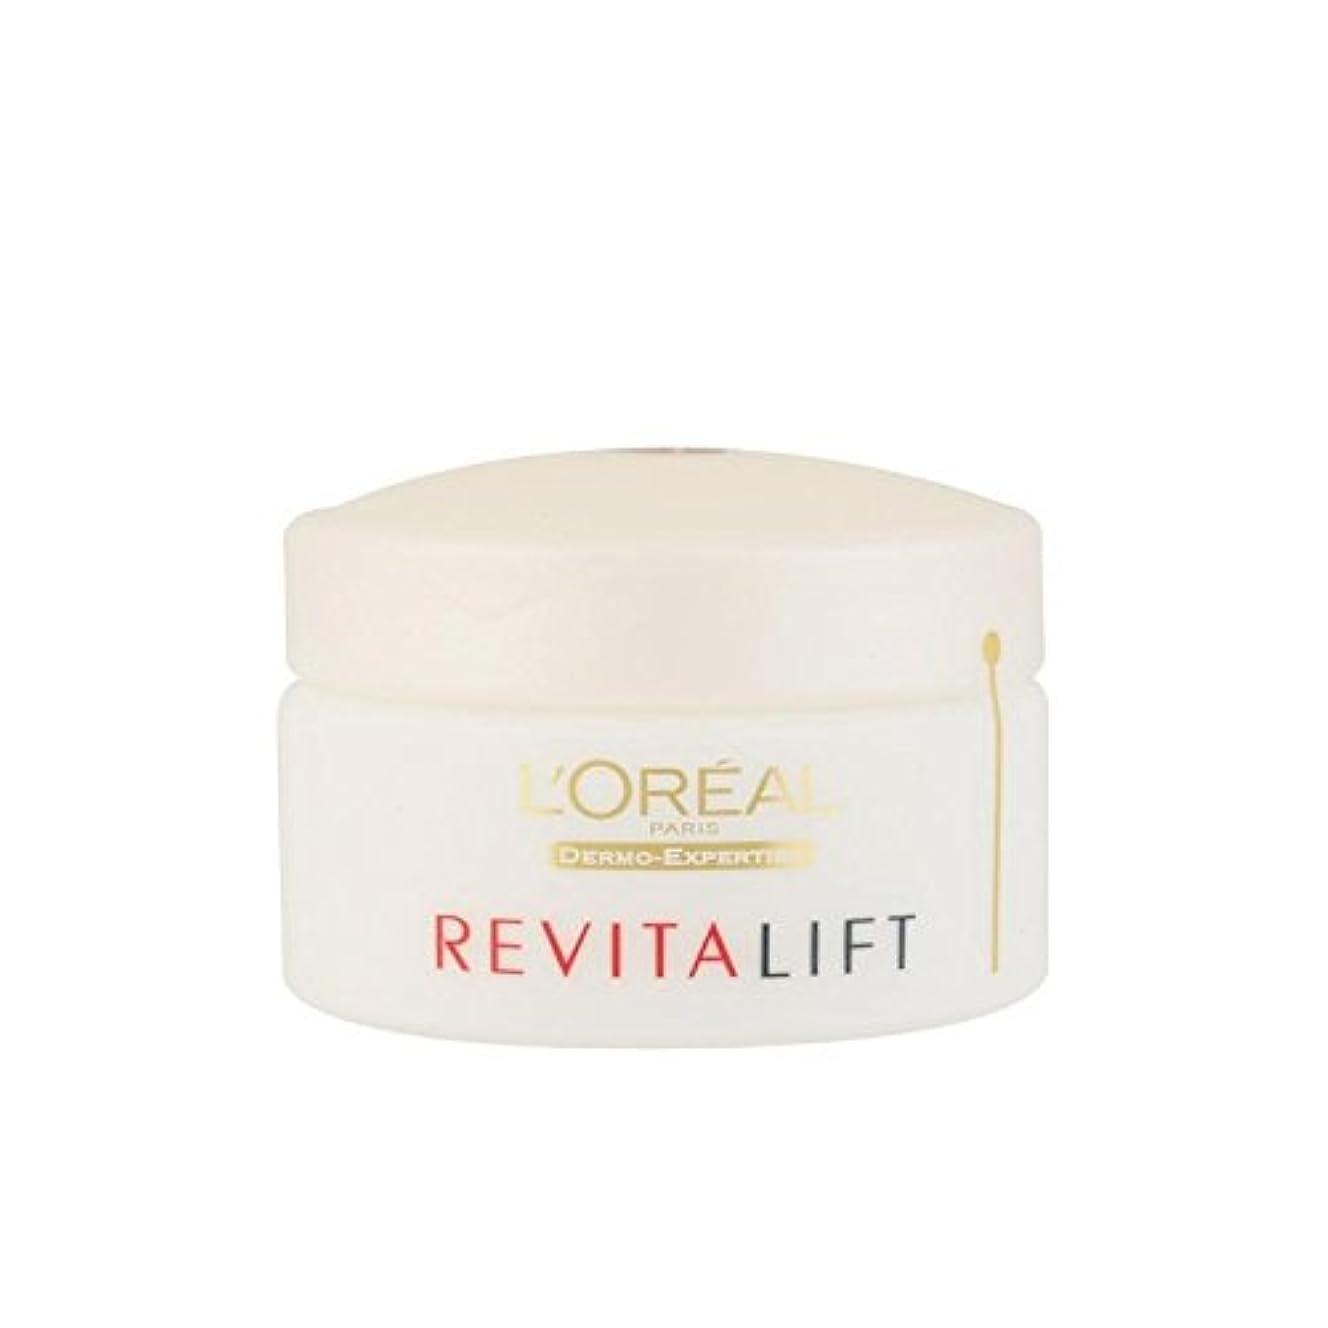 に向けて出発平和メガロポリスロレアルパリ、真皮の専門知識の抗シワ+ファーミングデイクリーム(50ミリリットル) x4 - L'Oreal Paris Dermo Expertise Revitalift Anti-Wrinkle + Firming Day Cream (50ml) (Pack of 4) [並行輸入品]